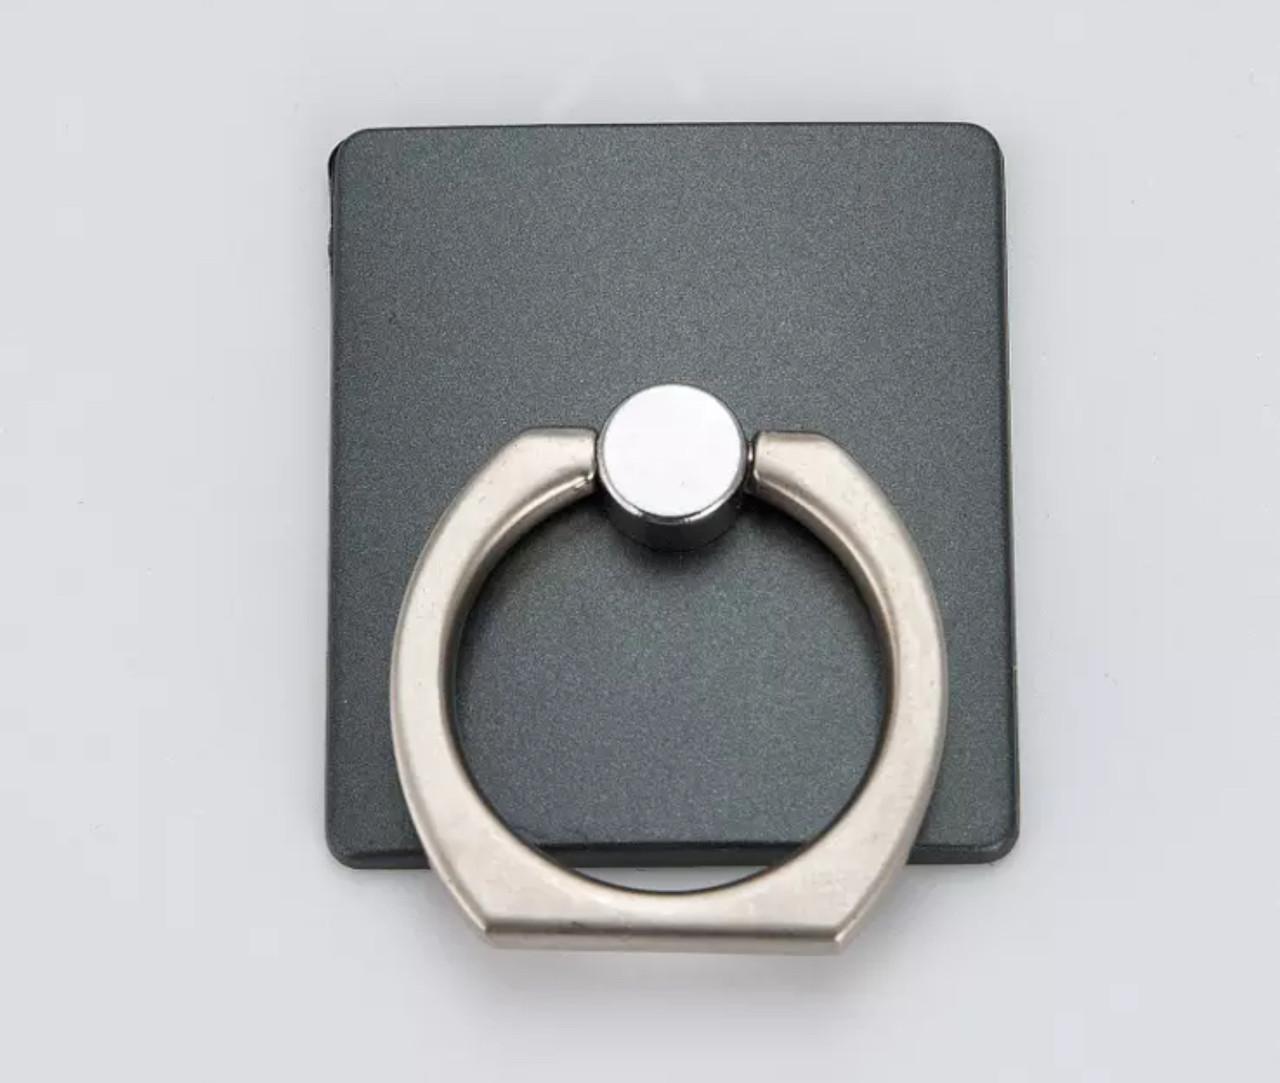 Кольцо-подставка/попсокет для телефона «Чёрный квадрат» стильная